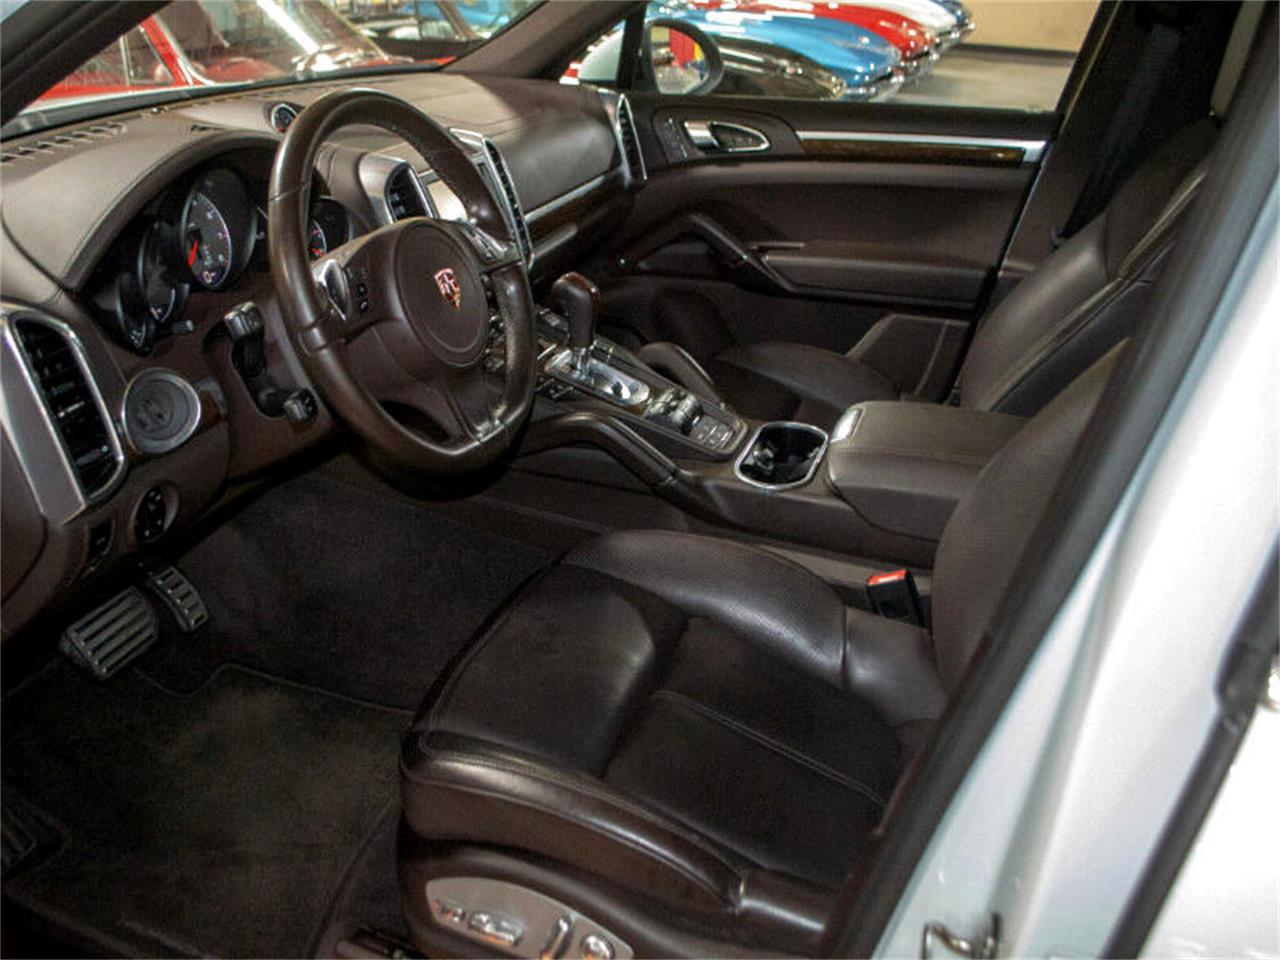 2013 Porsche Cayenne (CC-1181769) for sale in Anaheim, California